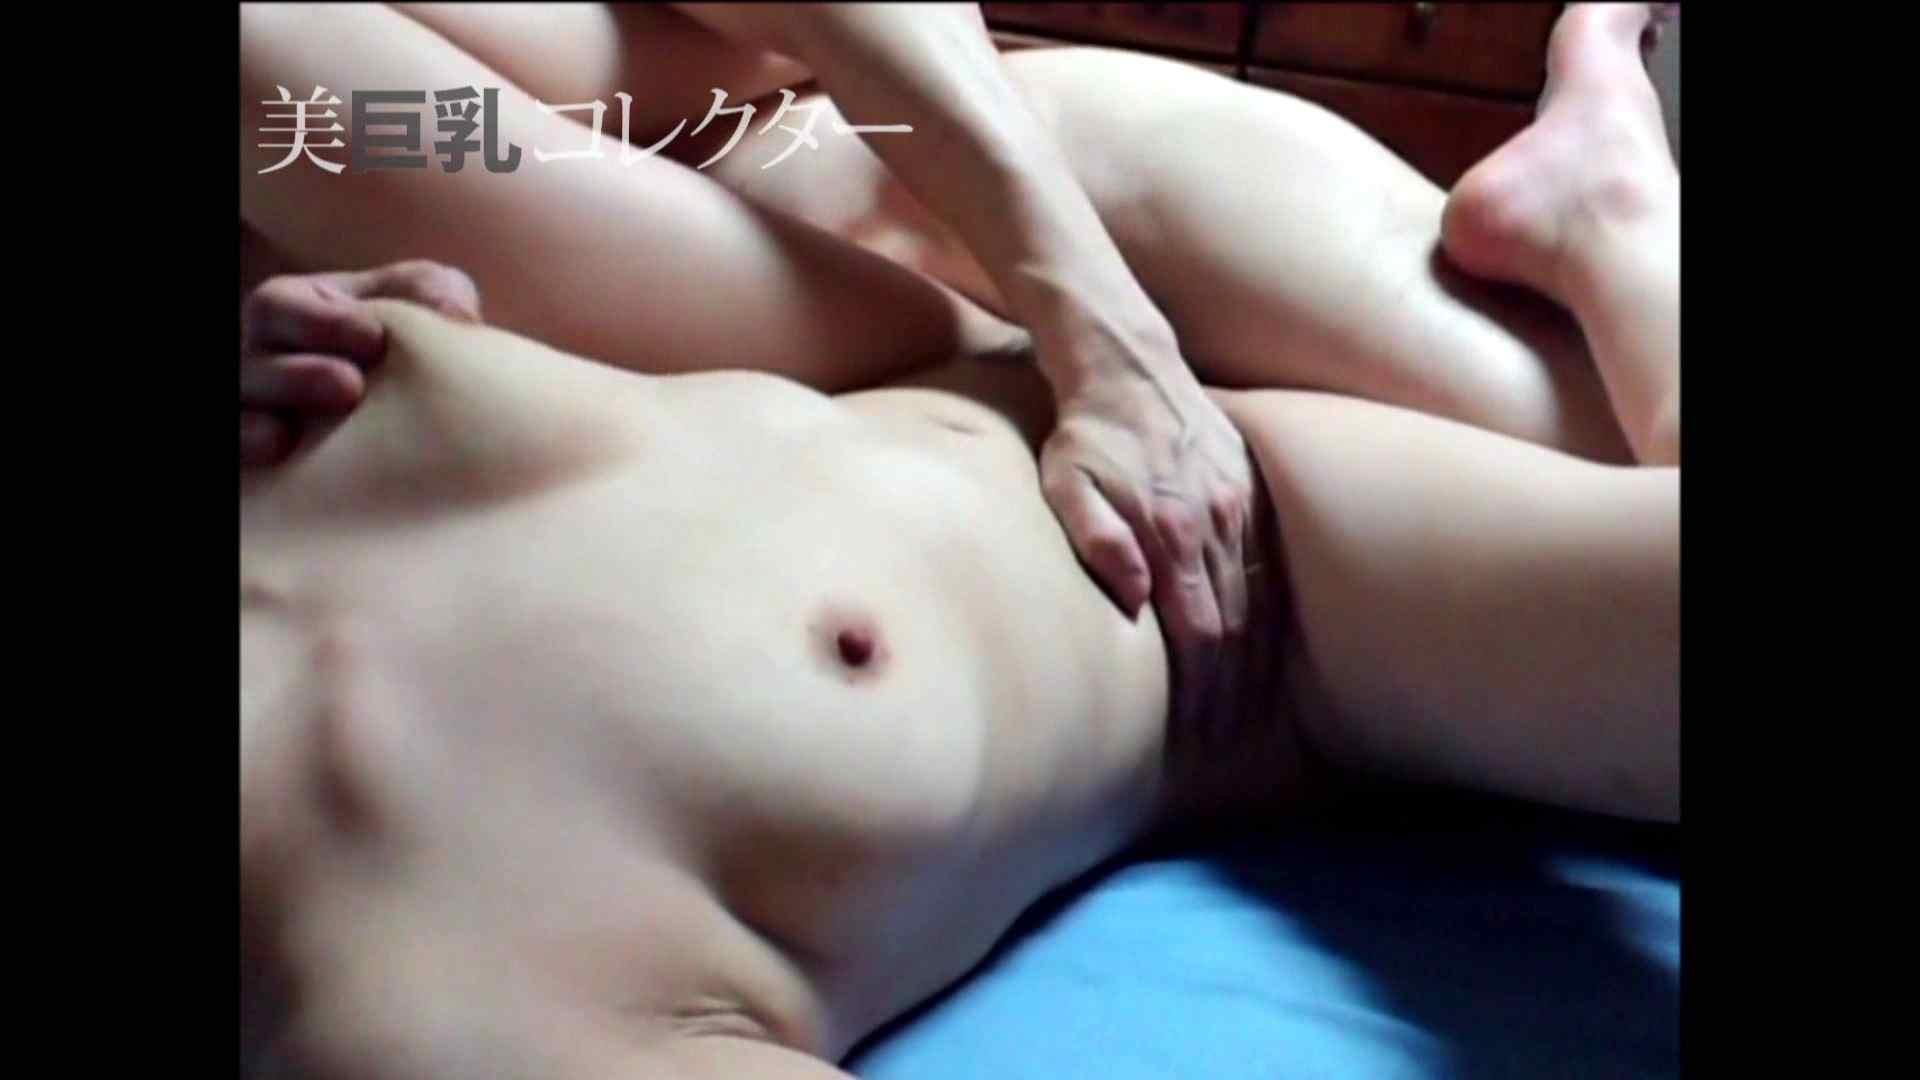 泥酔スレンダー巨乳美女2 巨乳  12pic 10